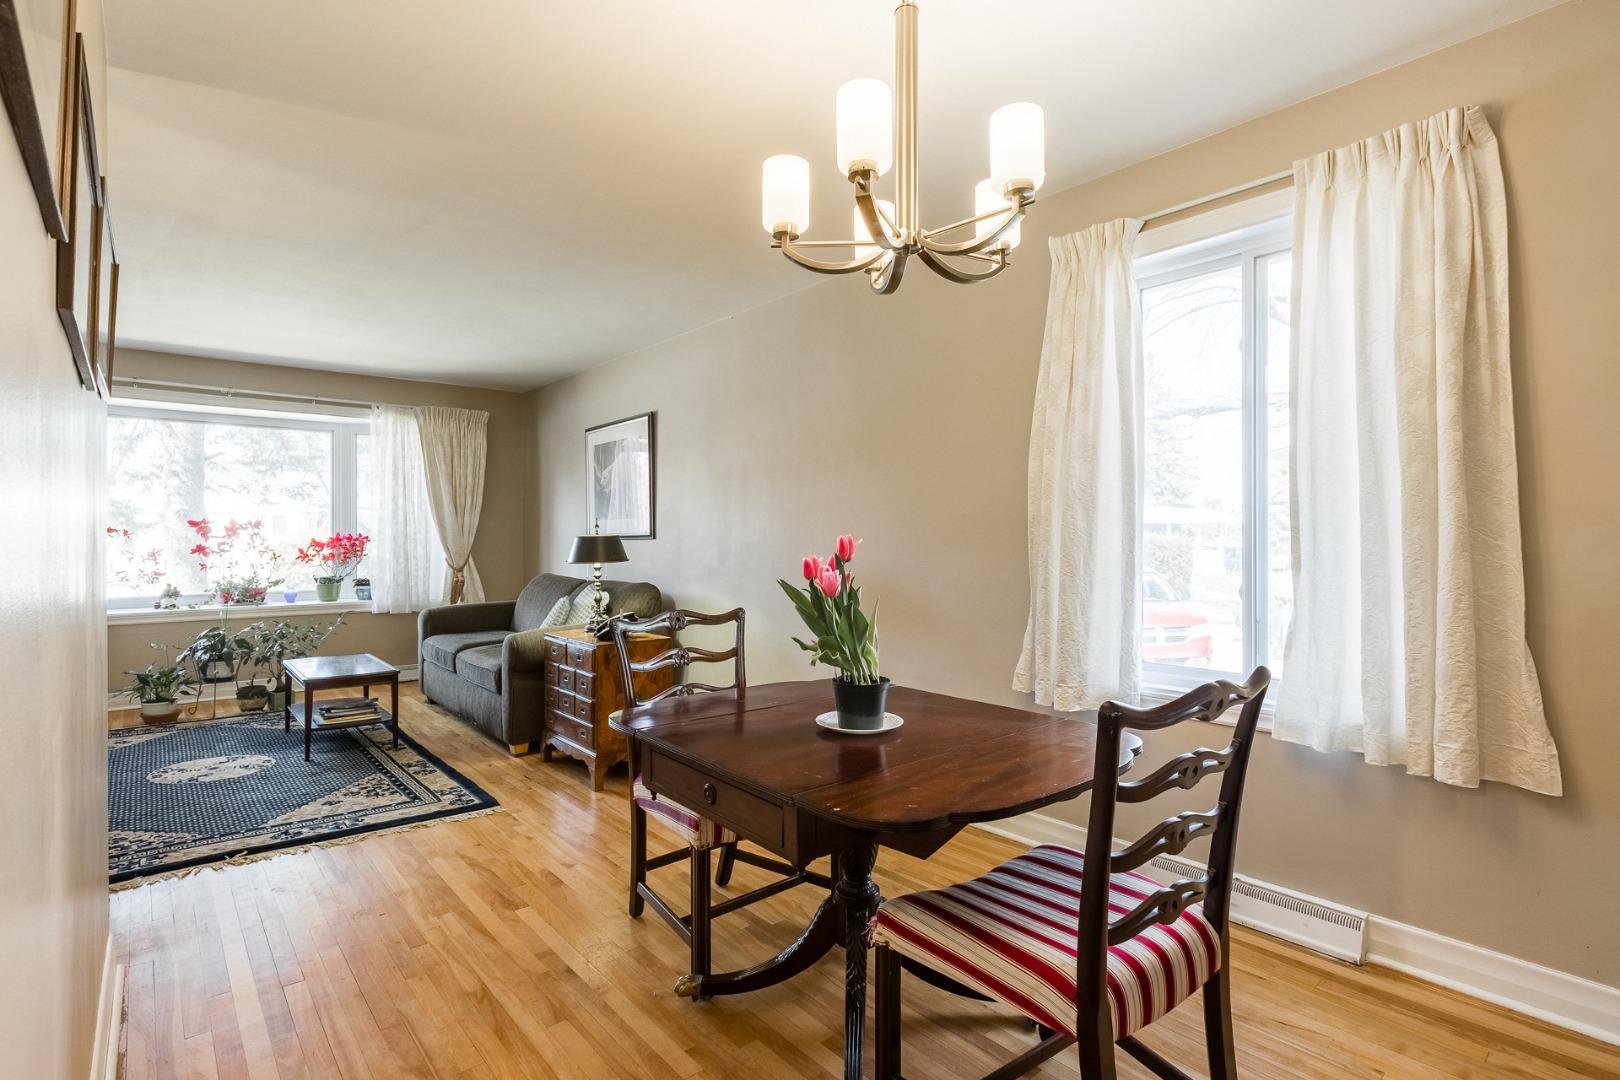 Maison à vendre_-_4351_rue_gilles_-_pierrefonds_-_steve_rouleau_-_al10.jpg